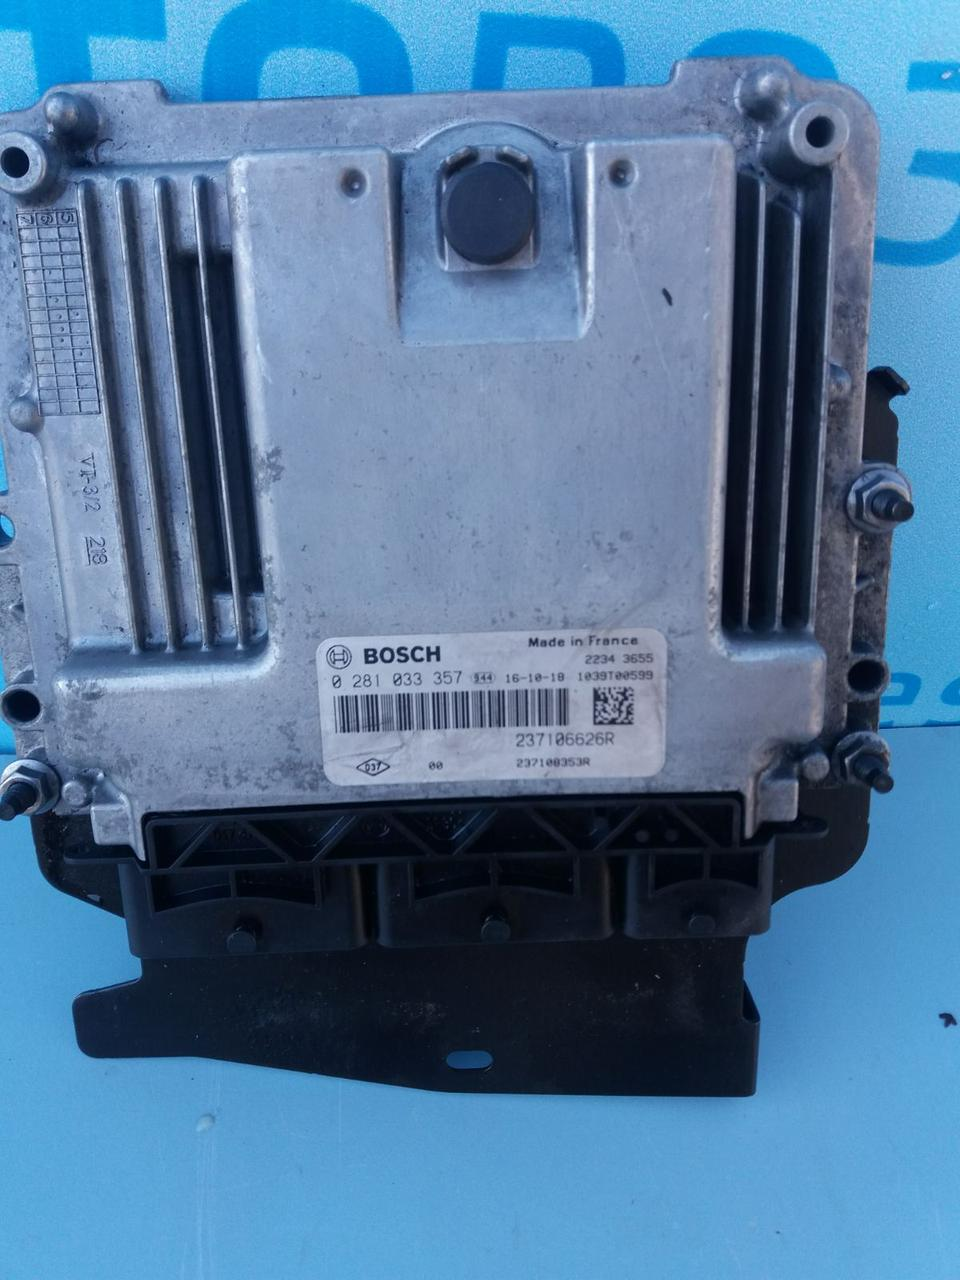 Блок управления двигателем ЕБУ мозги 0281033357 для Опель Виваро 1.6 dci Opel Vivaro 2014-2019 г. в.